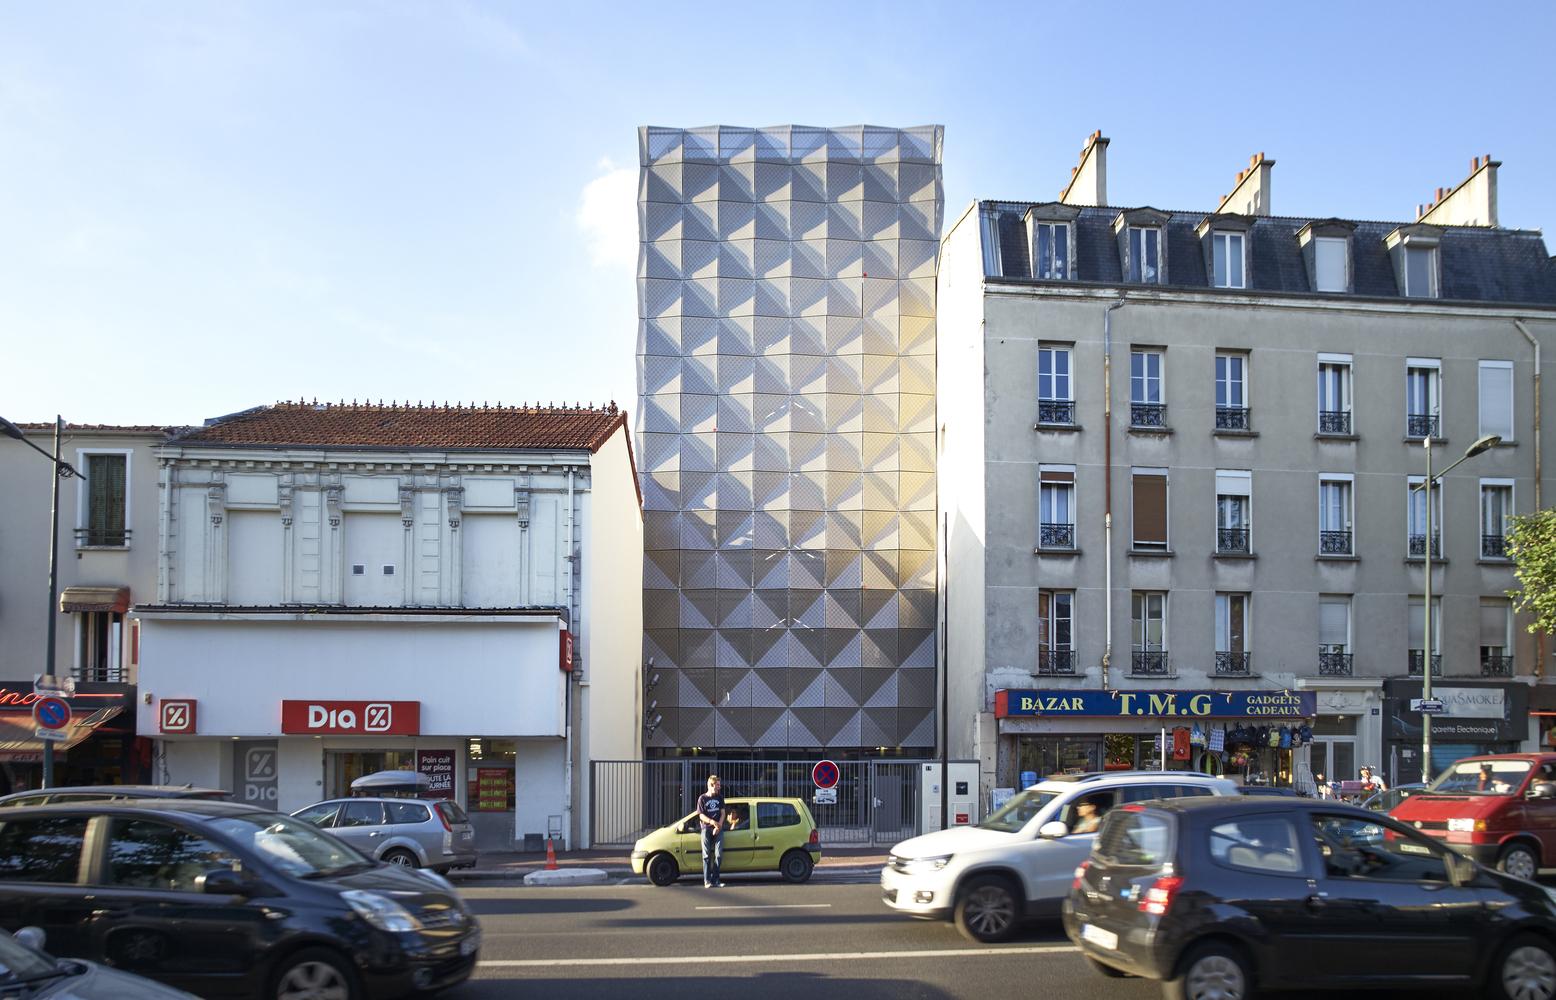 1_Dance School Aurélie-Dupont_Lankry architectes_Inspirationist